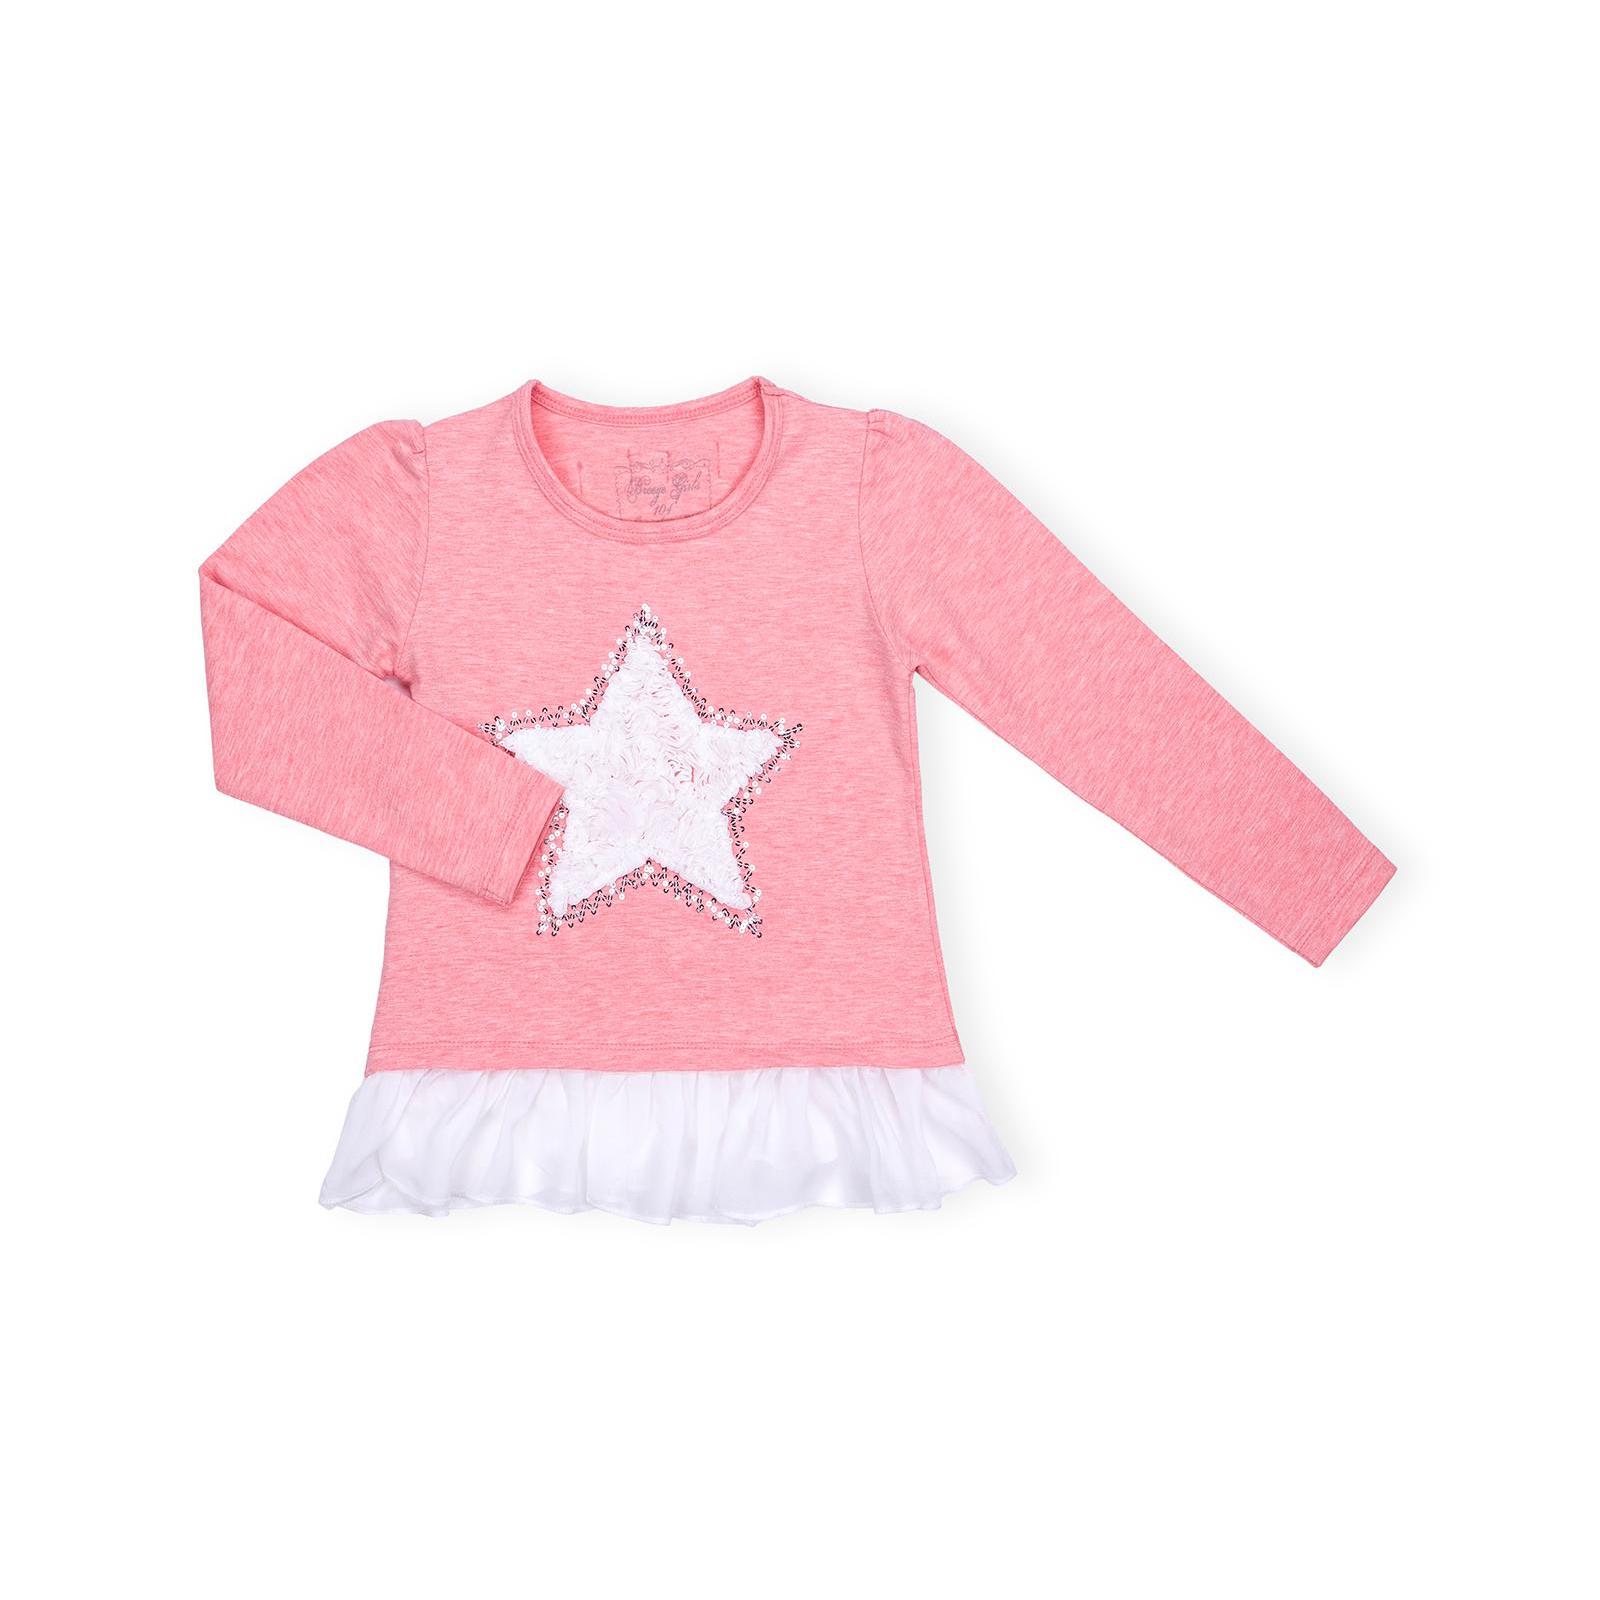 Кофта Breeze со звездой и оборкой (10536-110G-pink)